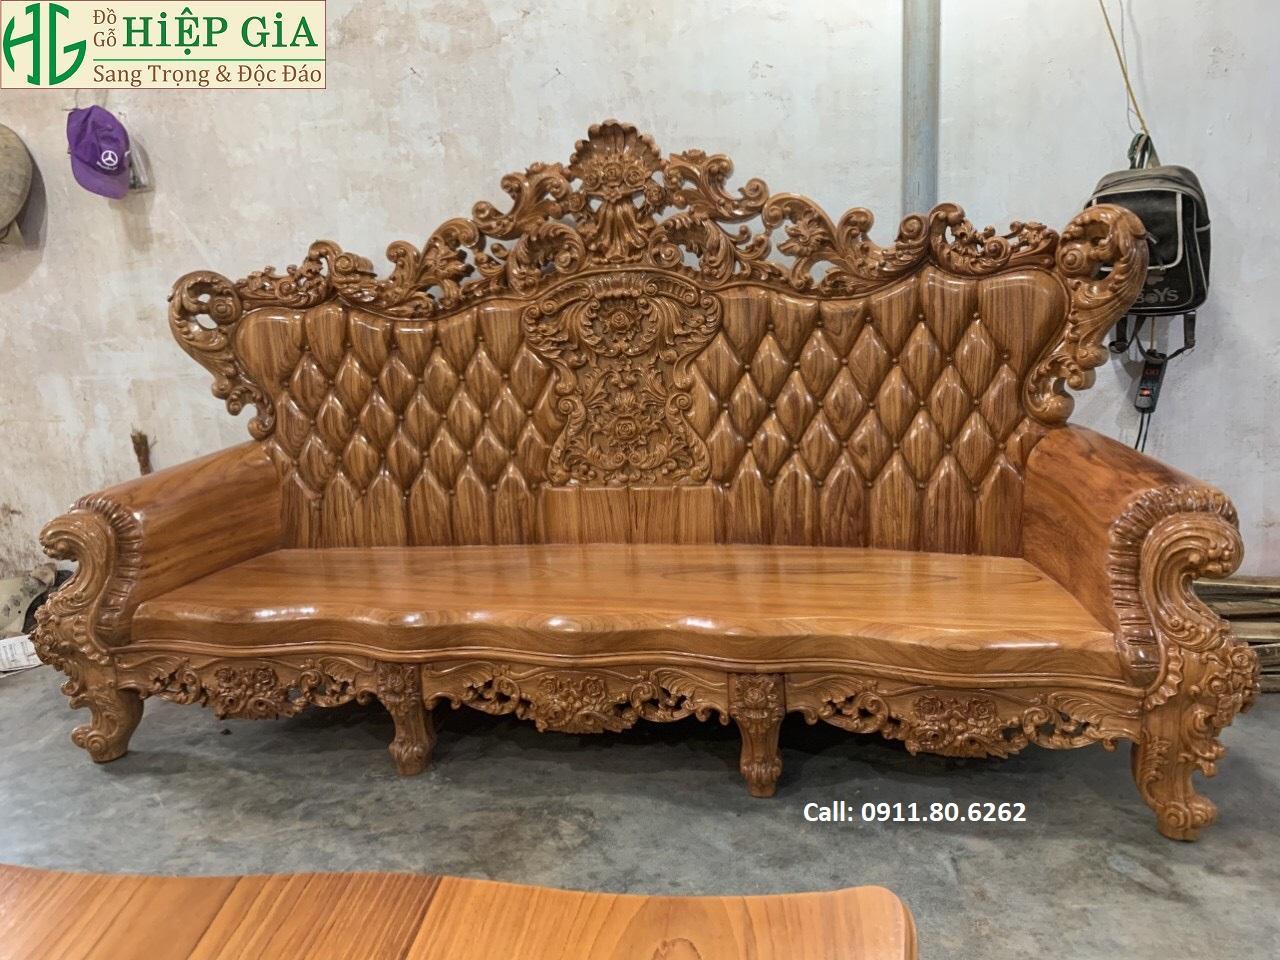 Sofa louis hoang gia 36 - Sofa Louis Hoàng Gia MS: 64